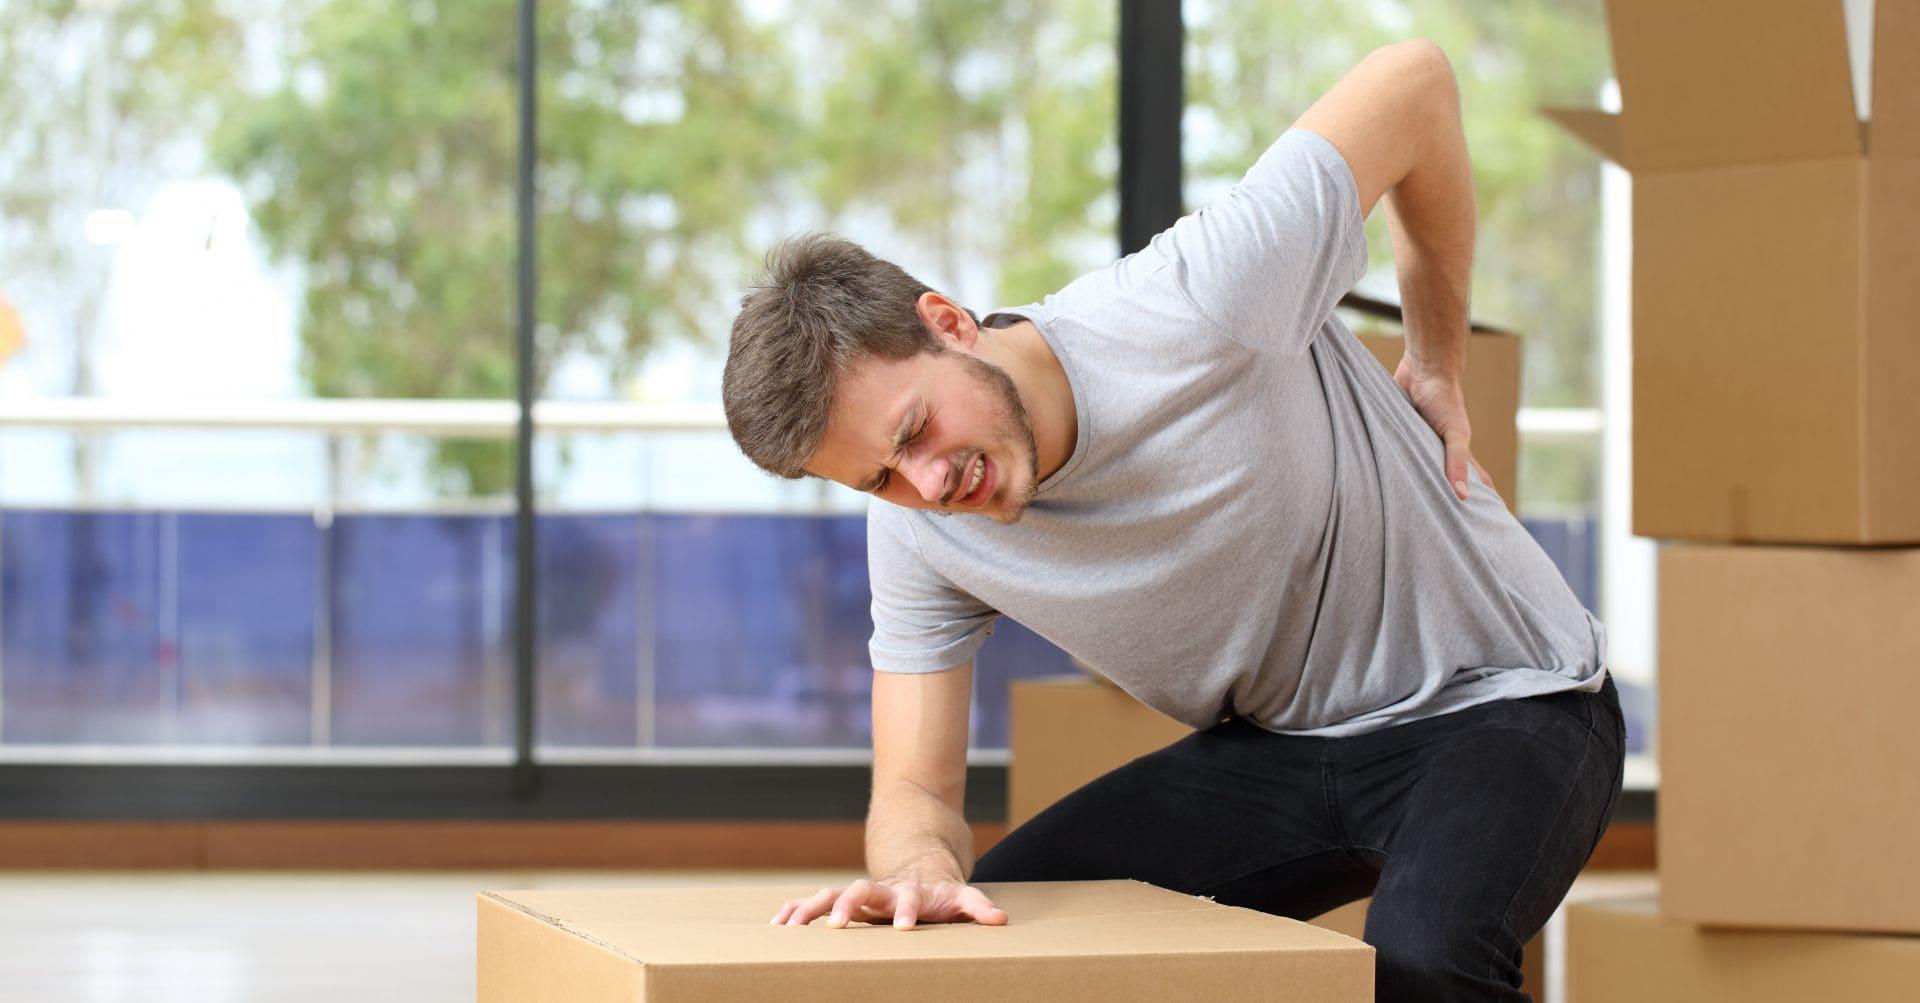 Mies satuttaa selkänsä nostaessaan painavaa laatikkoa.